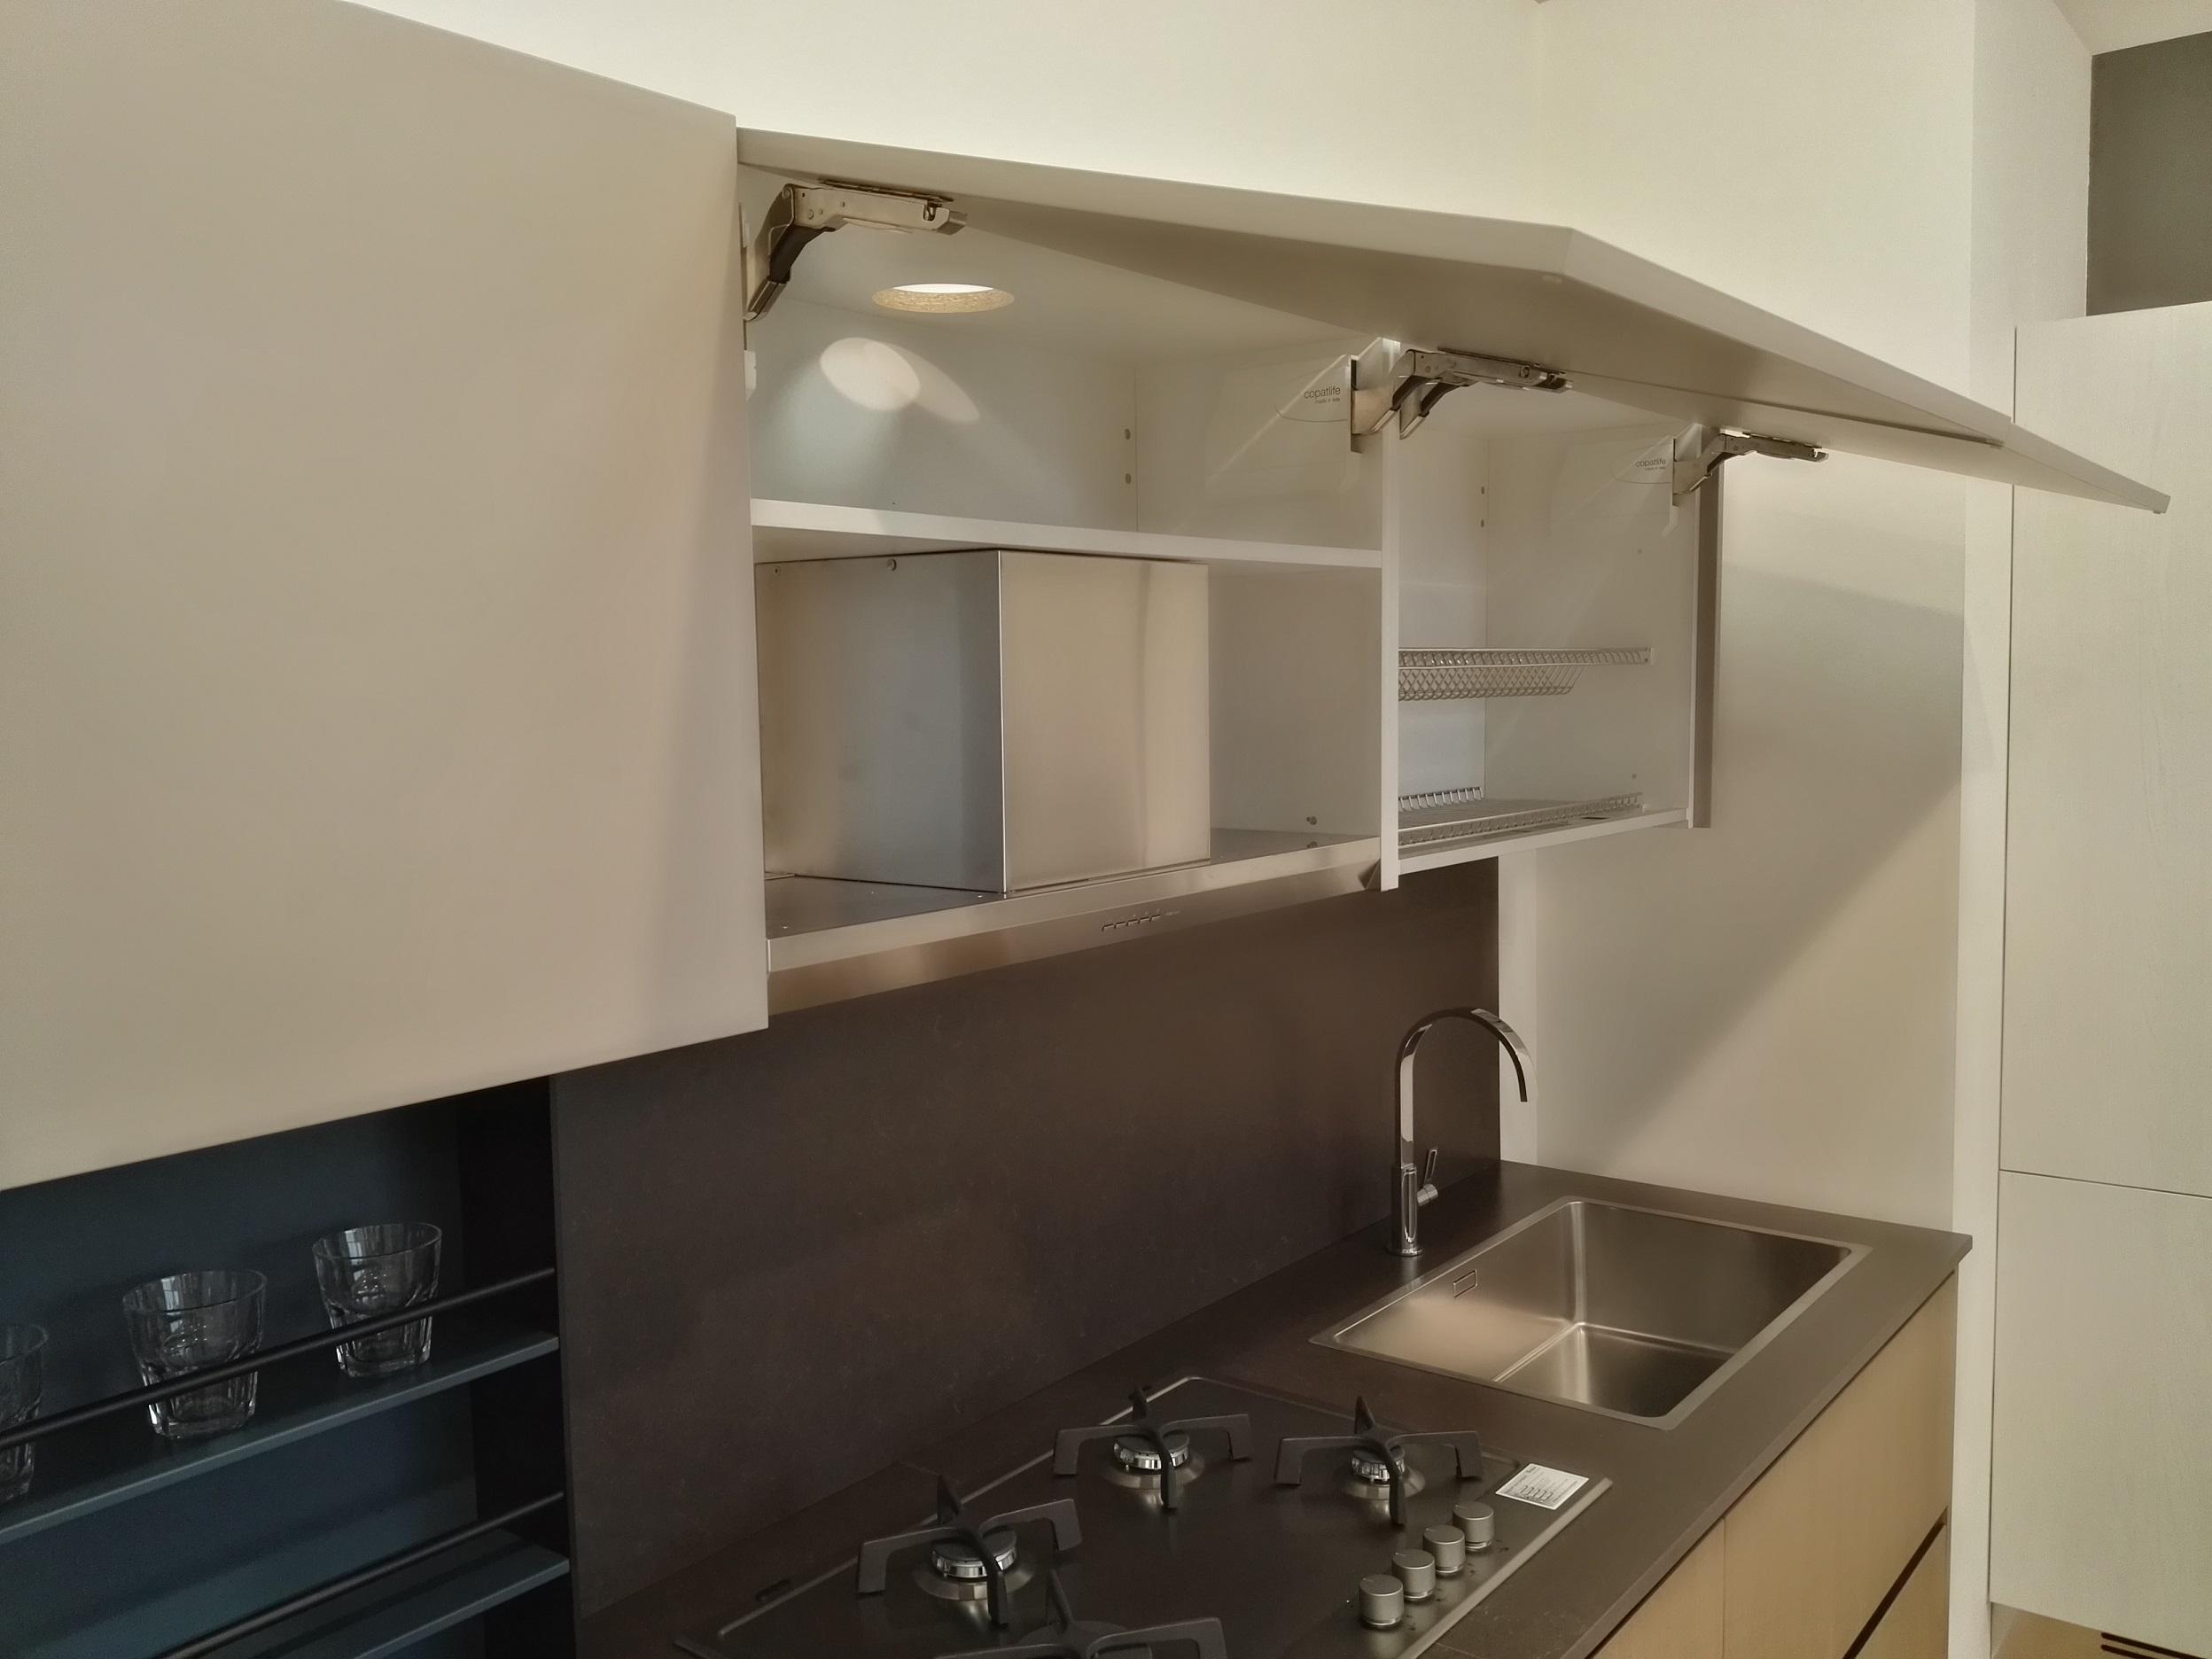 Cucina-laccato-satinato-rovere-offerta-rinnovo-esposizione